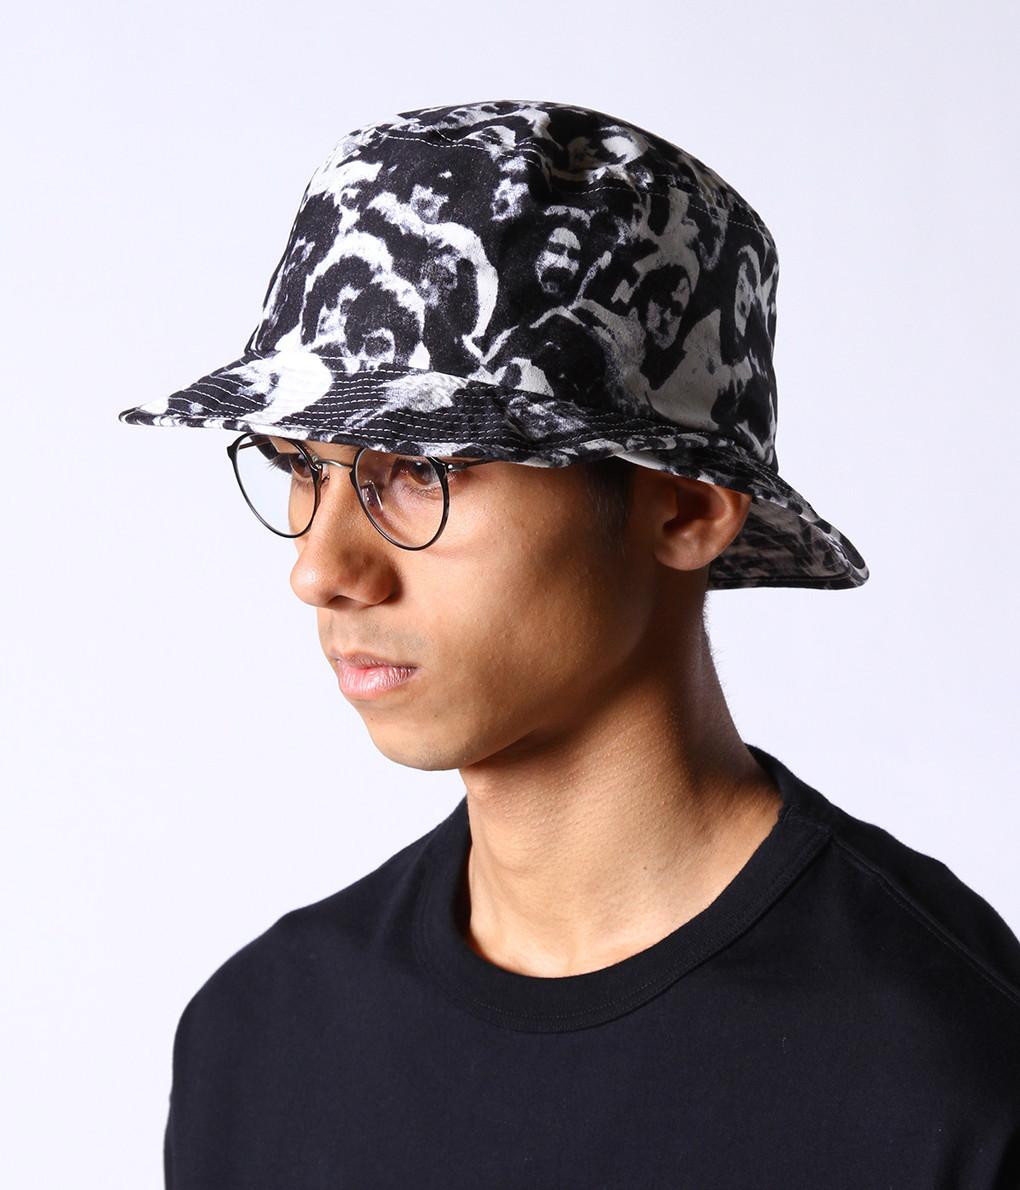 GOLD 東洋エンタープライズ / ゴールド : COTTON WEATHER HAT